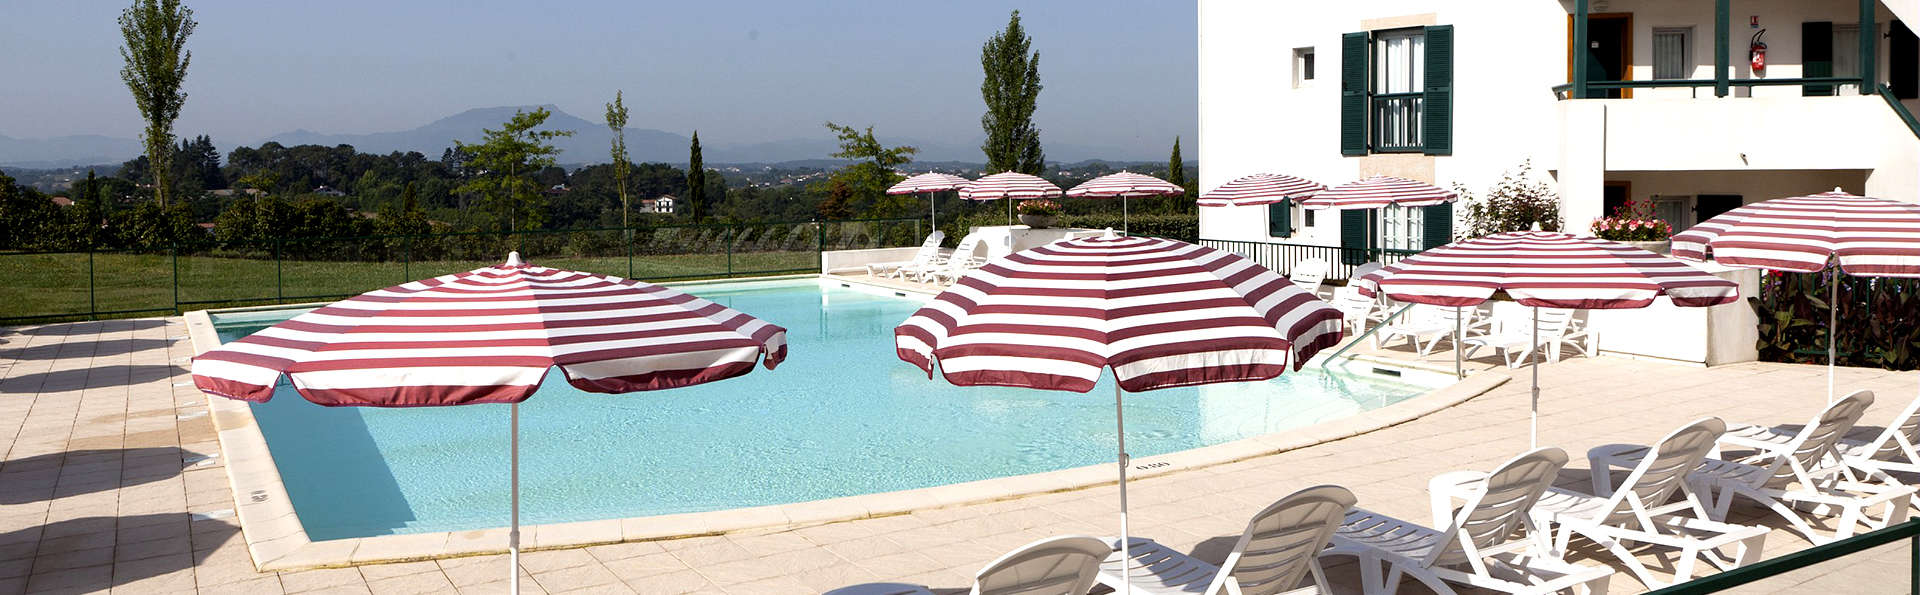 Pierre Et Vacances Les Terrasses d'Arcangues - Edit_Pool3.jpg